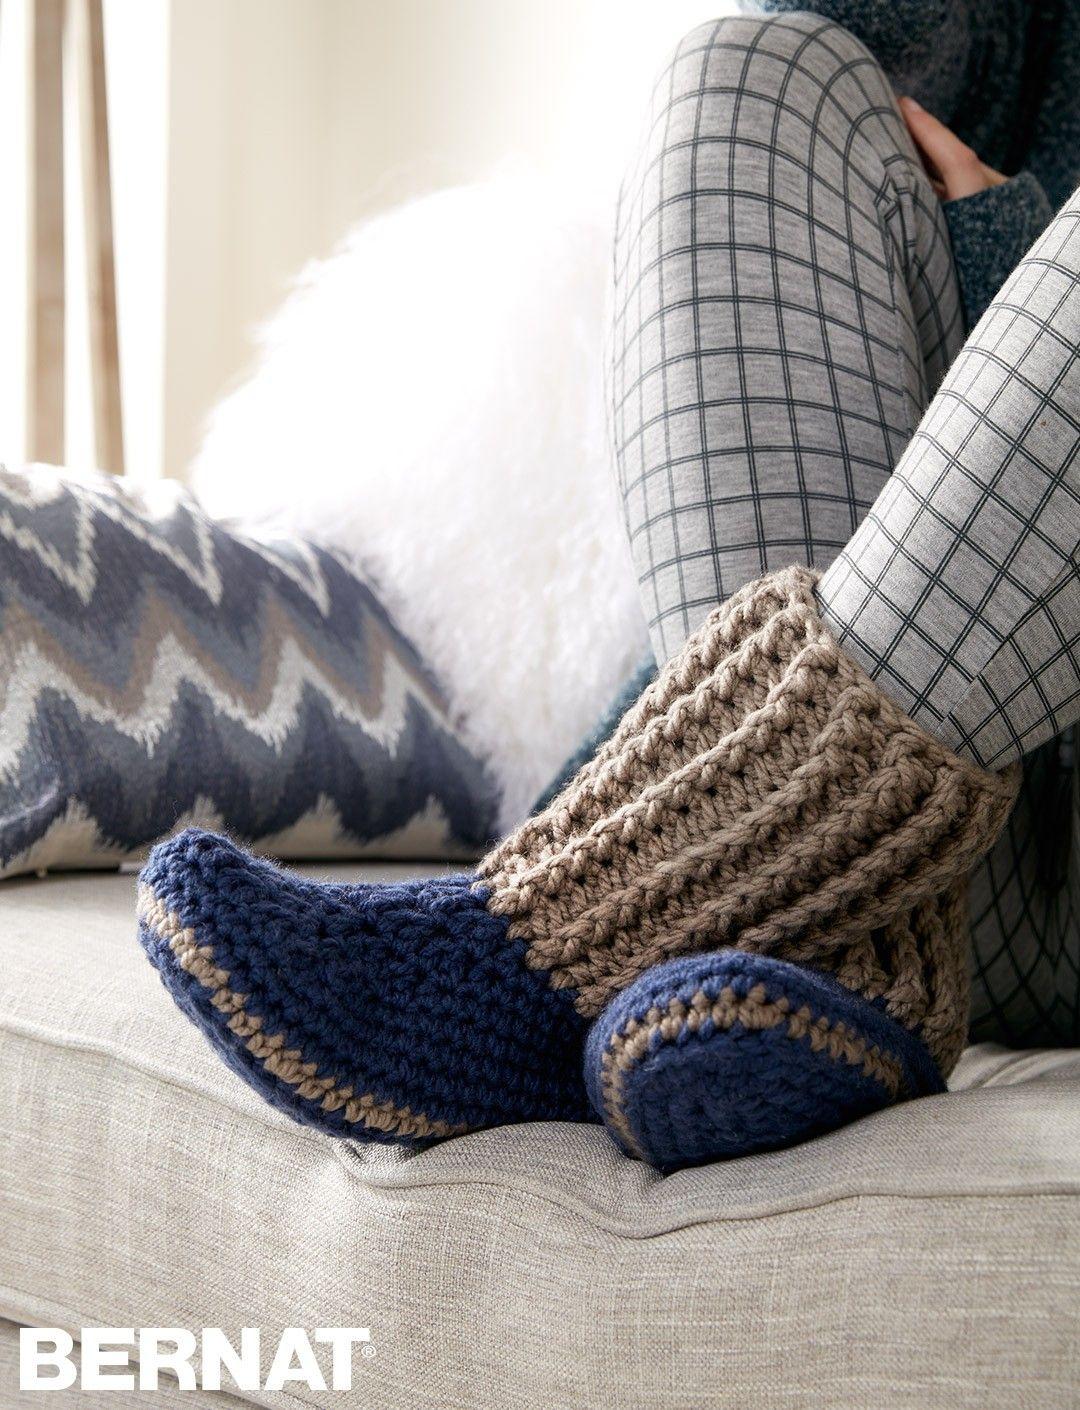 Slipper Socks - FREE Crochet pattern | Yarnspirations | CrochetHolic ...